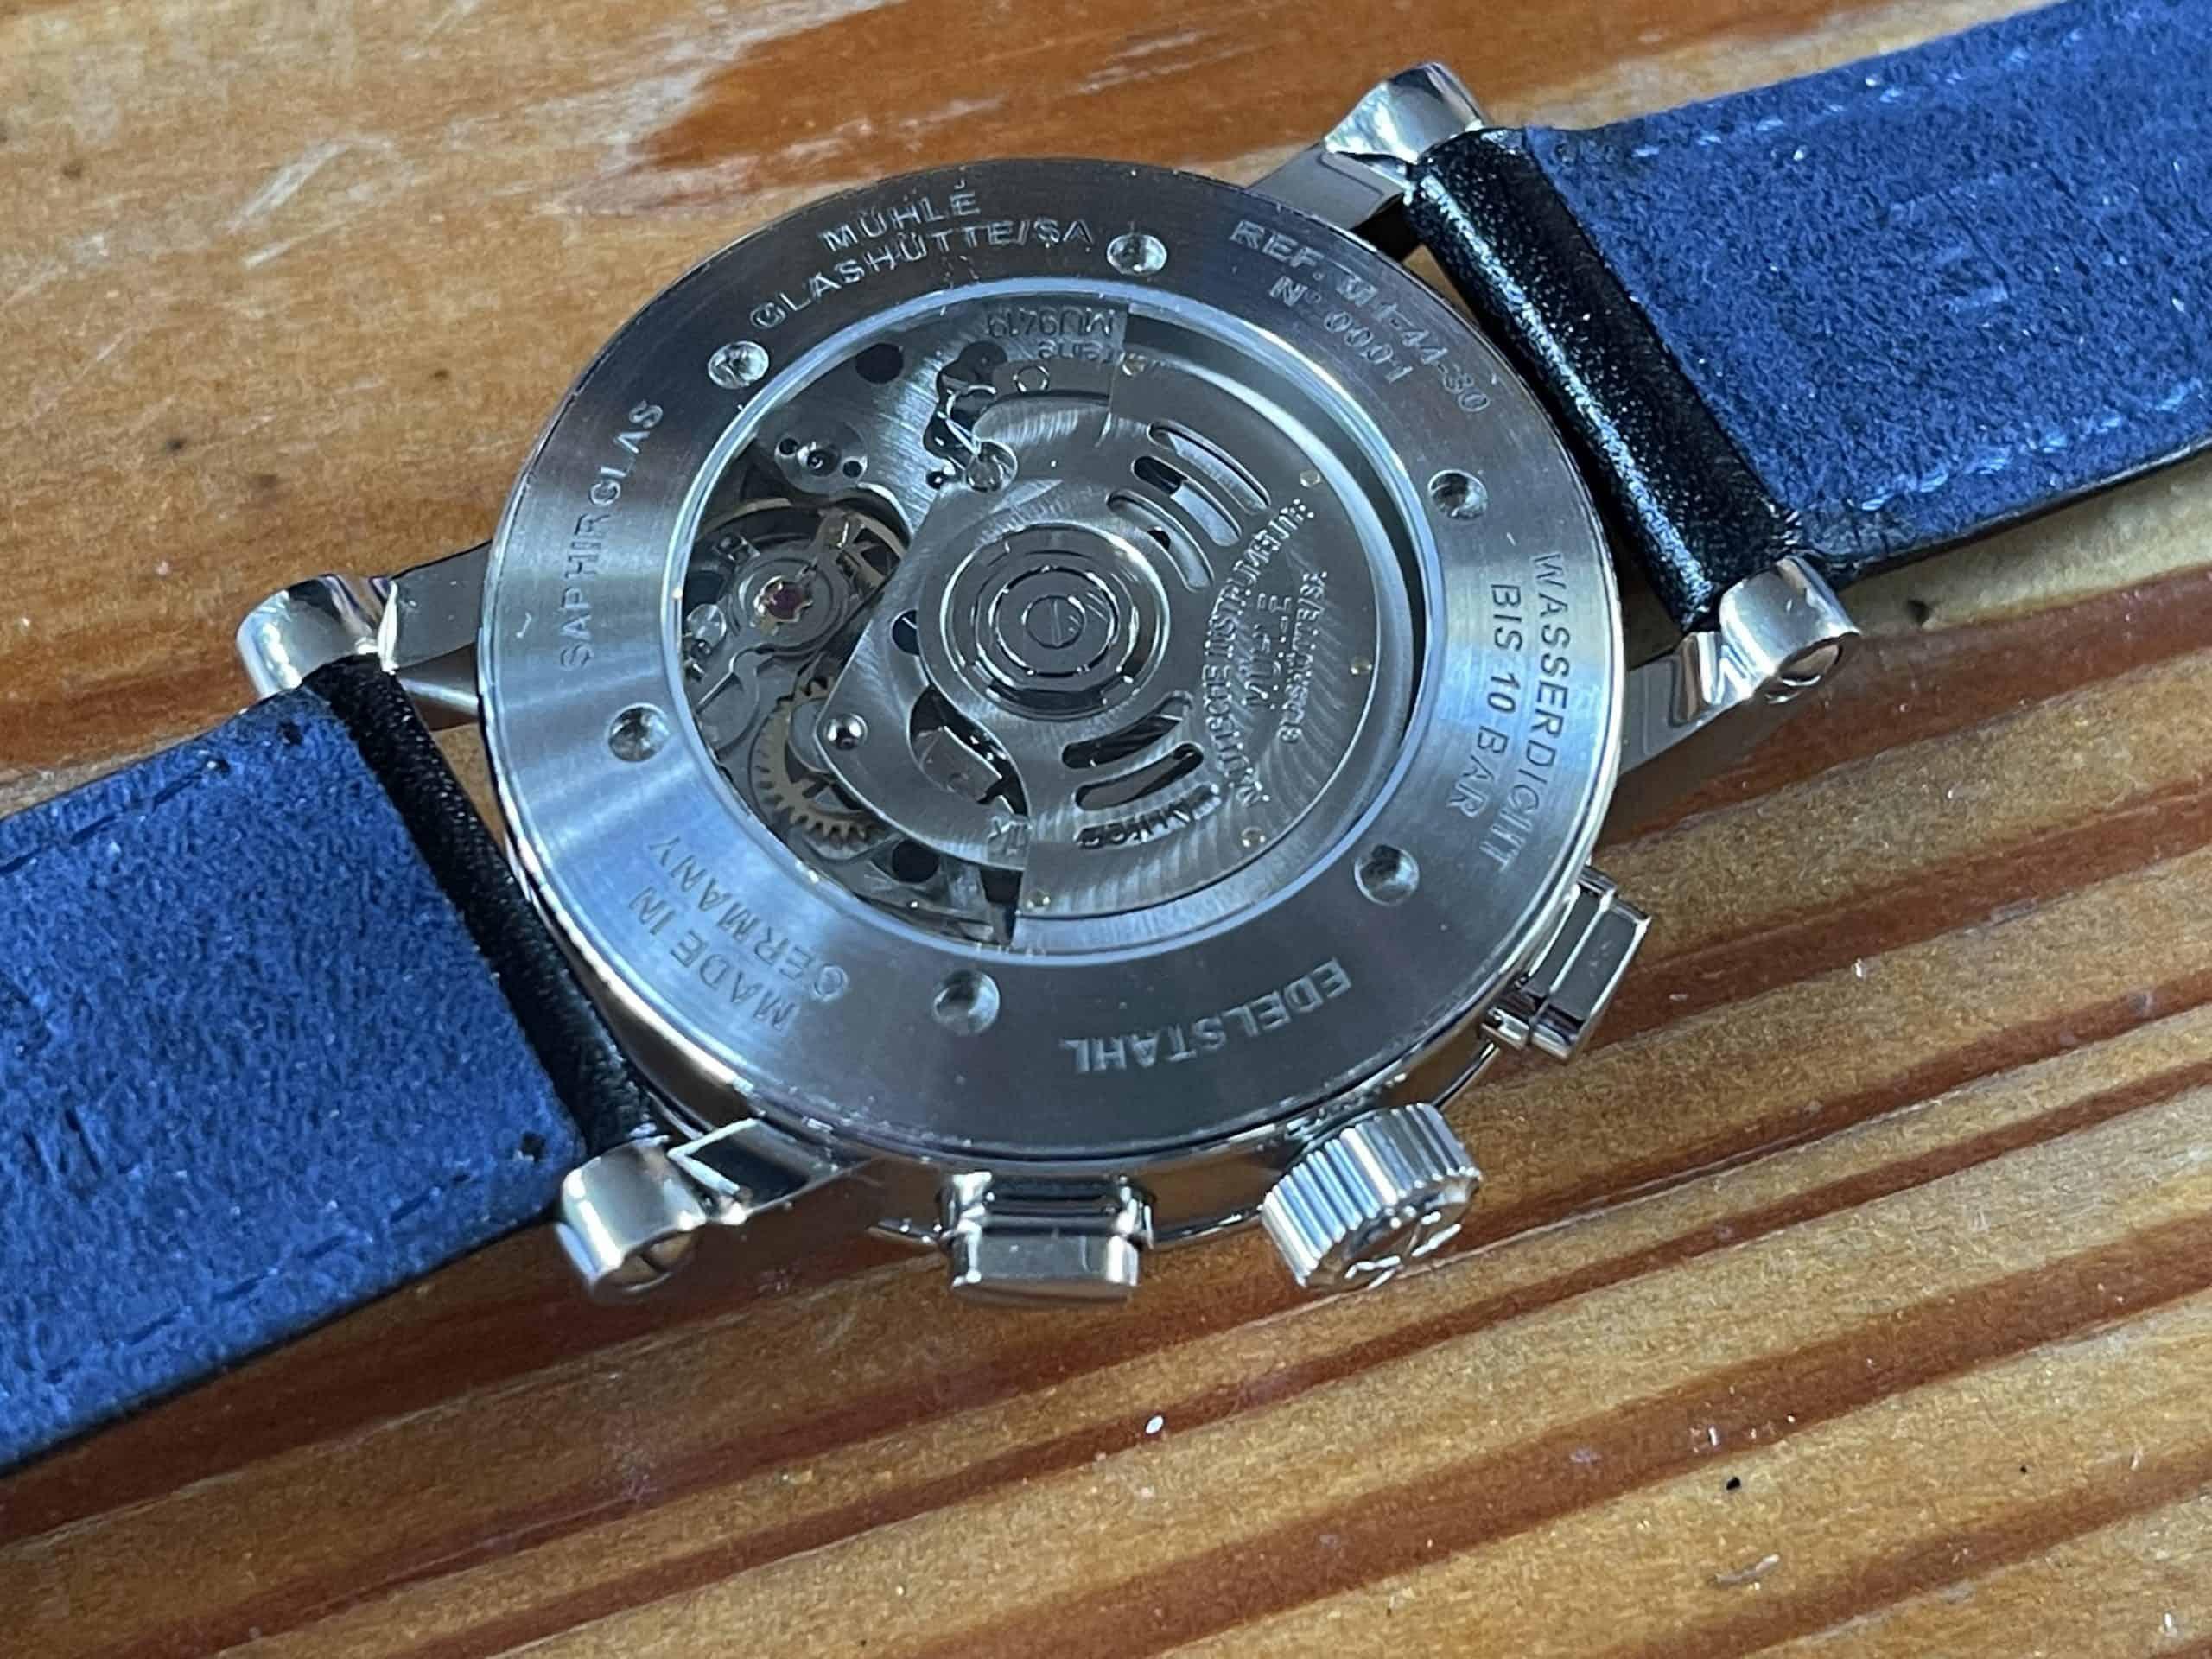 Mühle Glashütte Teutonia IV Chronograph Rückseite (C) Uhrenkosmos